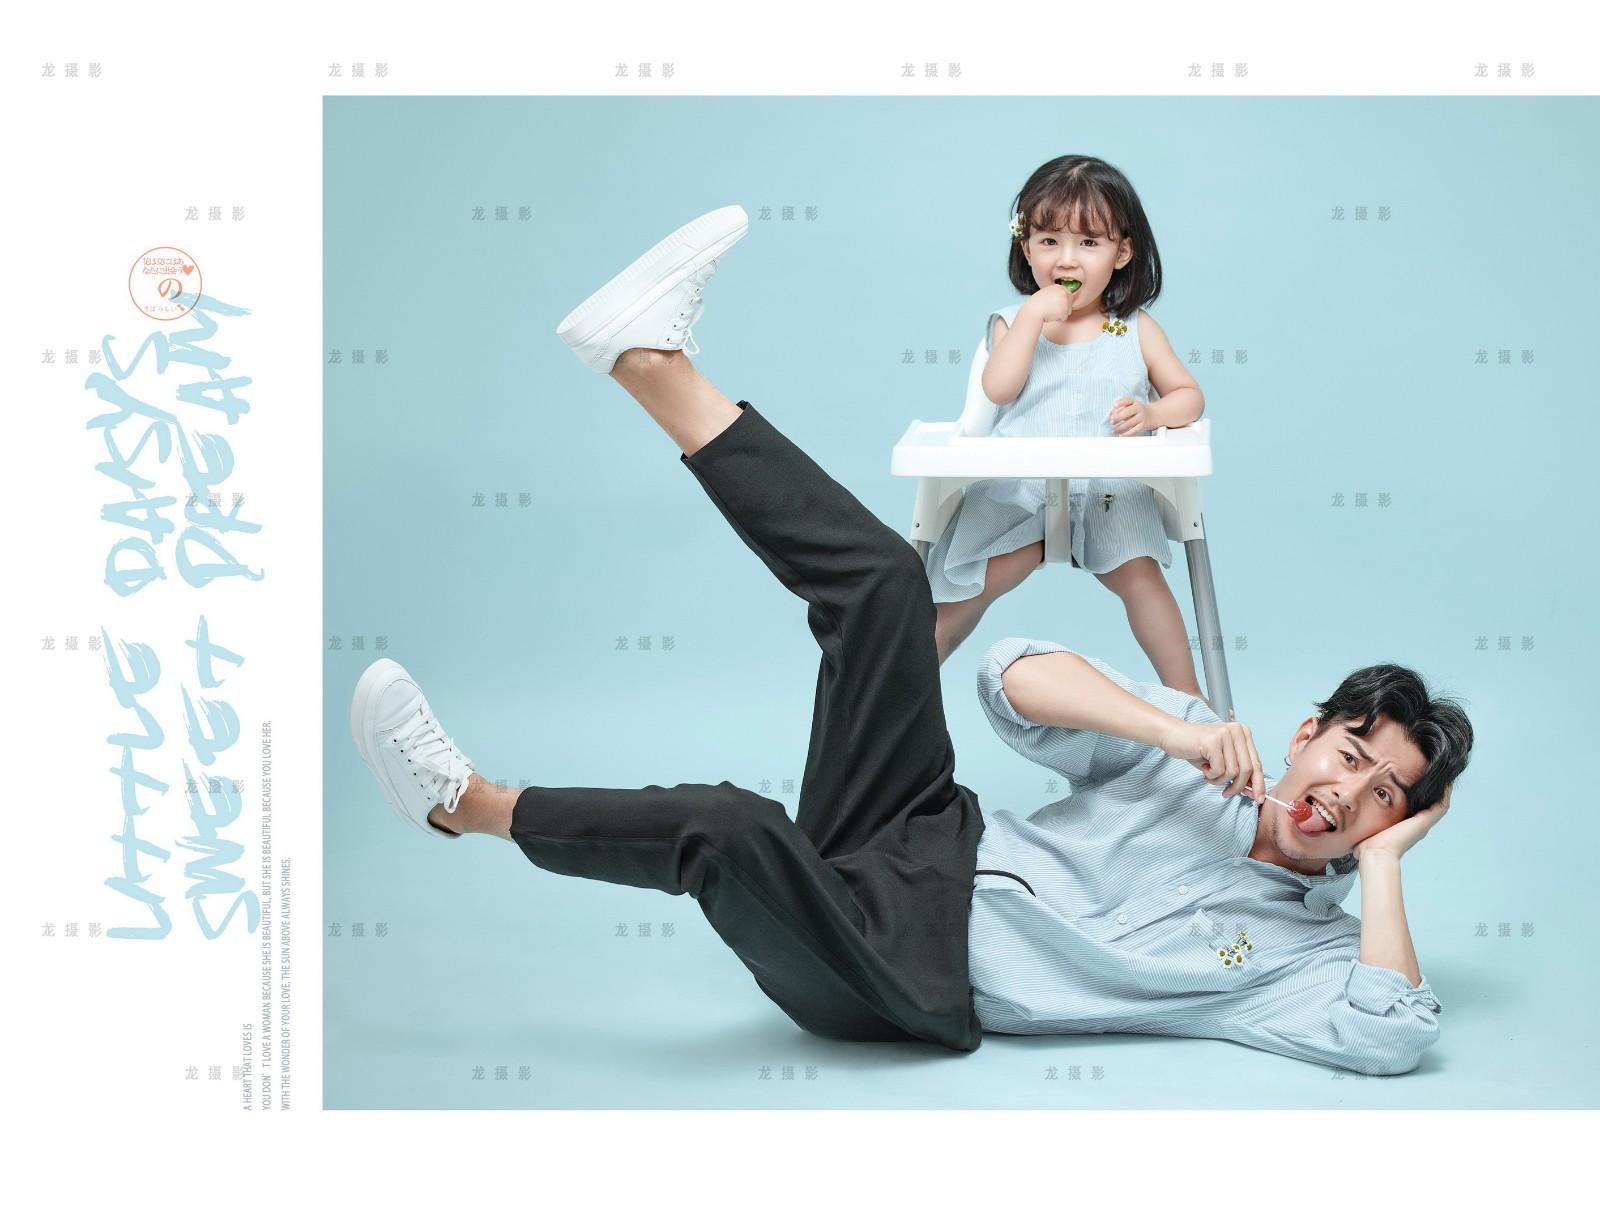 提夫尼|极简-朝阳尊爵龙摄影有限公司